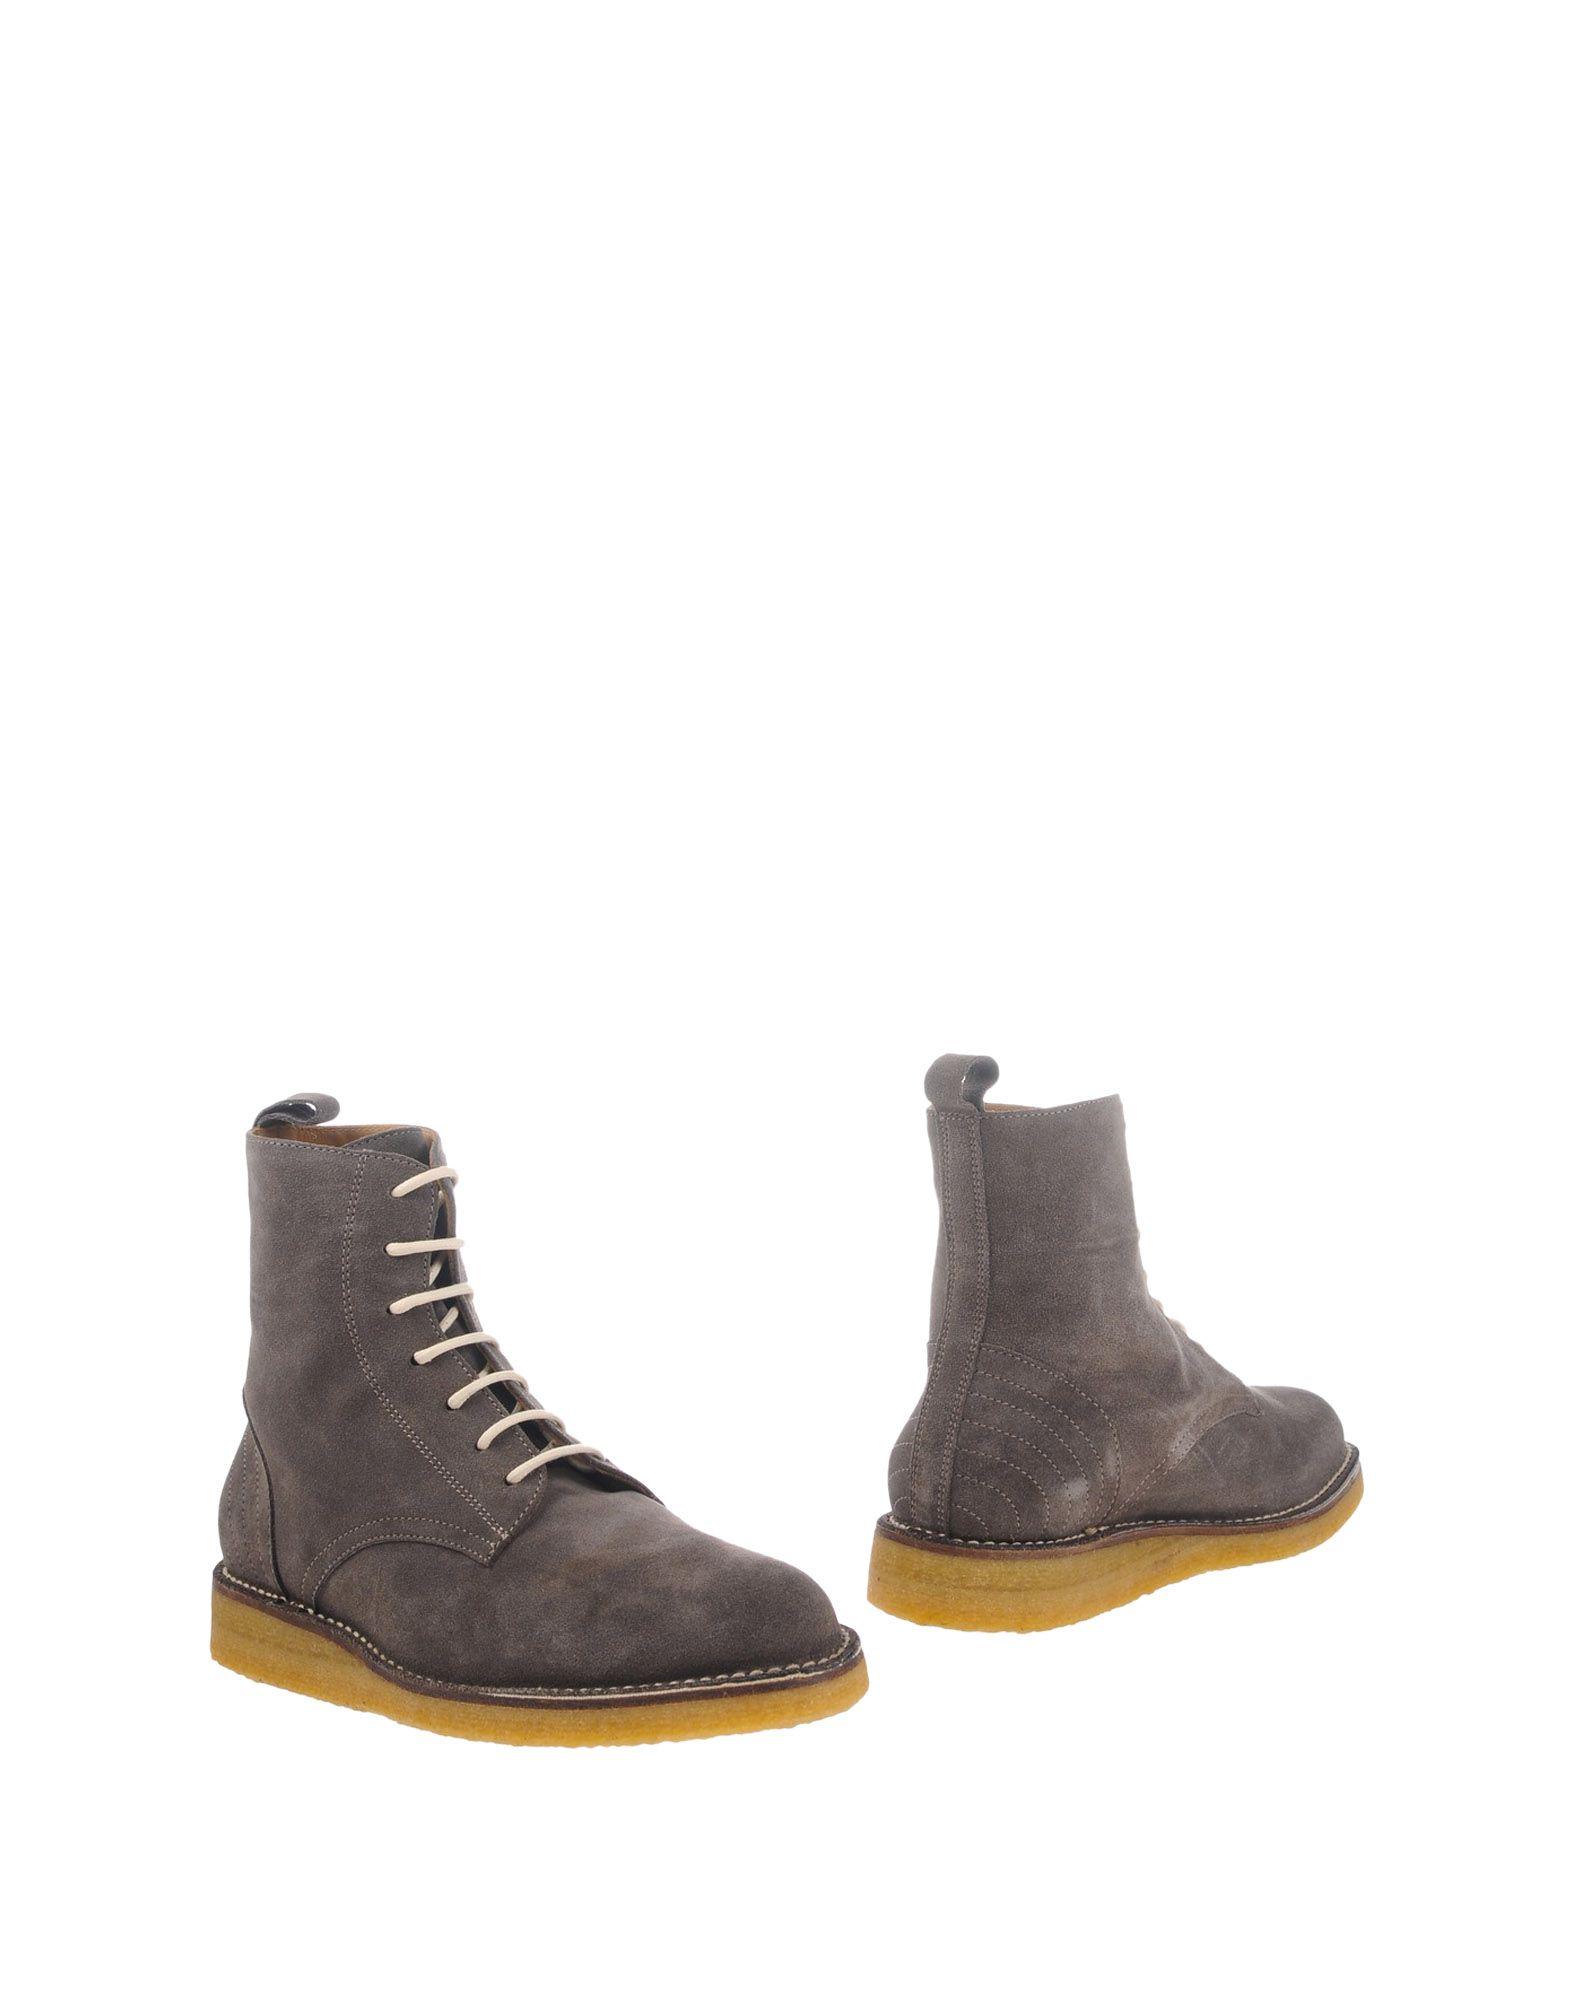 pantofola d oro полусапоги и высокие ботинки PANTOFOLA D'ORO Полусапоги и высокие ботинки